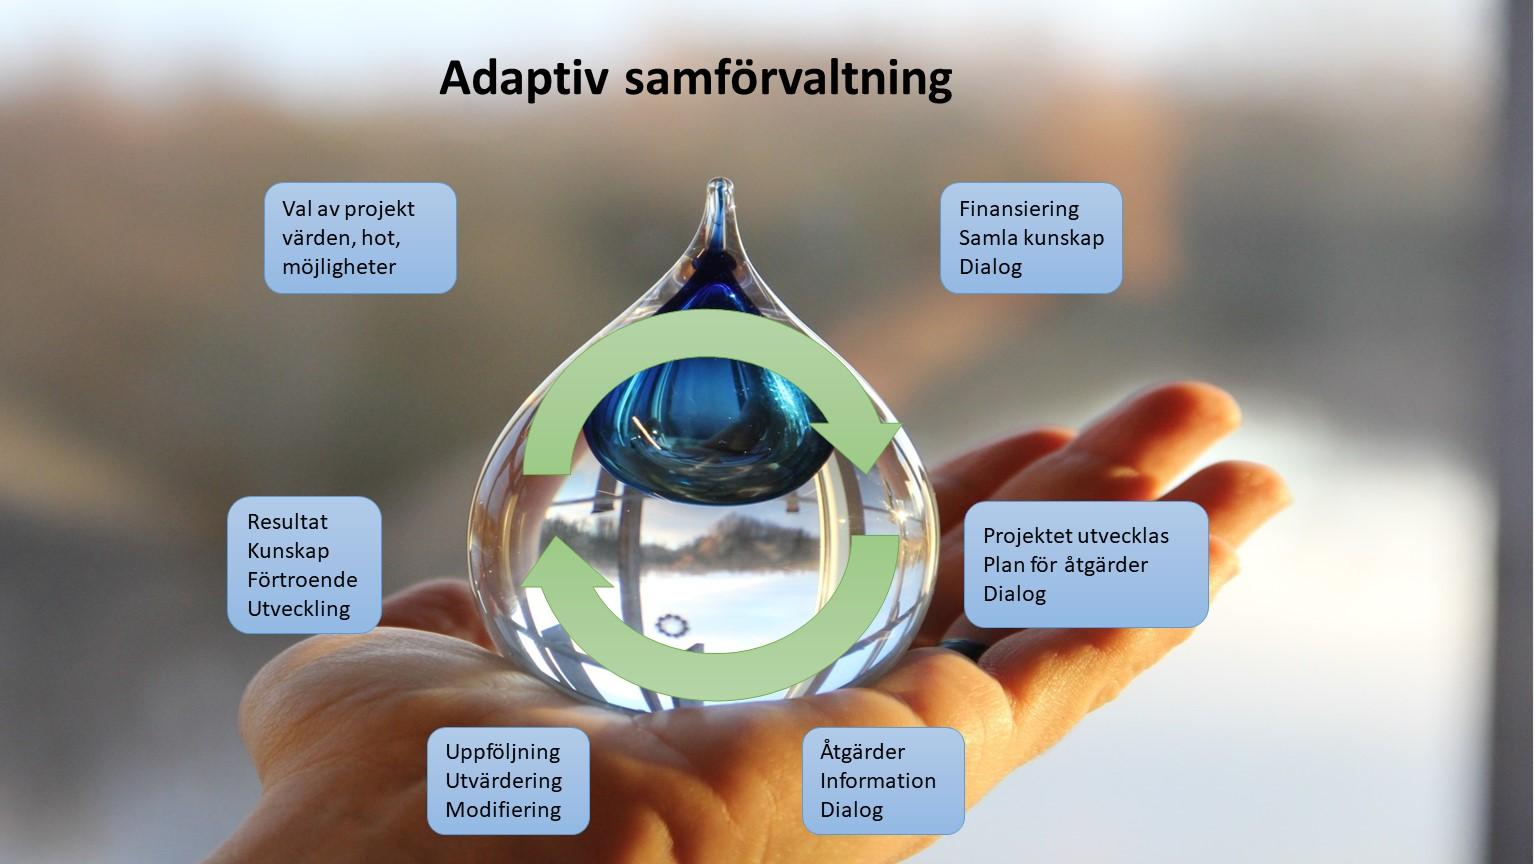 Adaptiv samförvaltning/bosfärmodellen